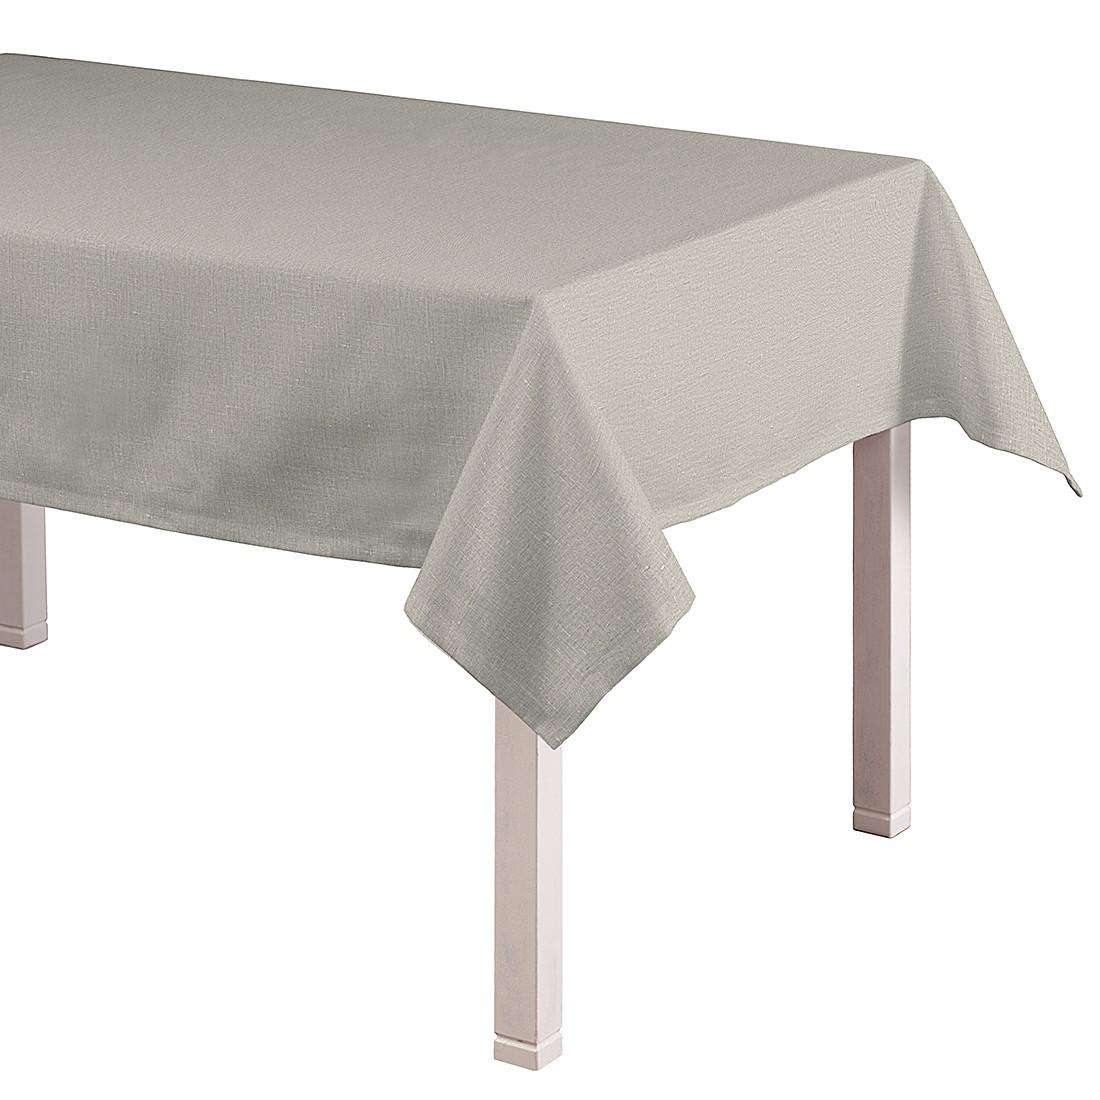 Tischdecke Linen – Beige – 130 x 180 cm, Dekoria günstig kaufen